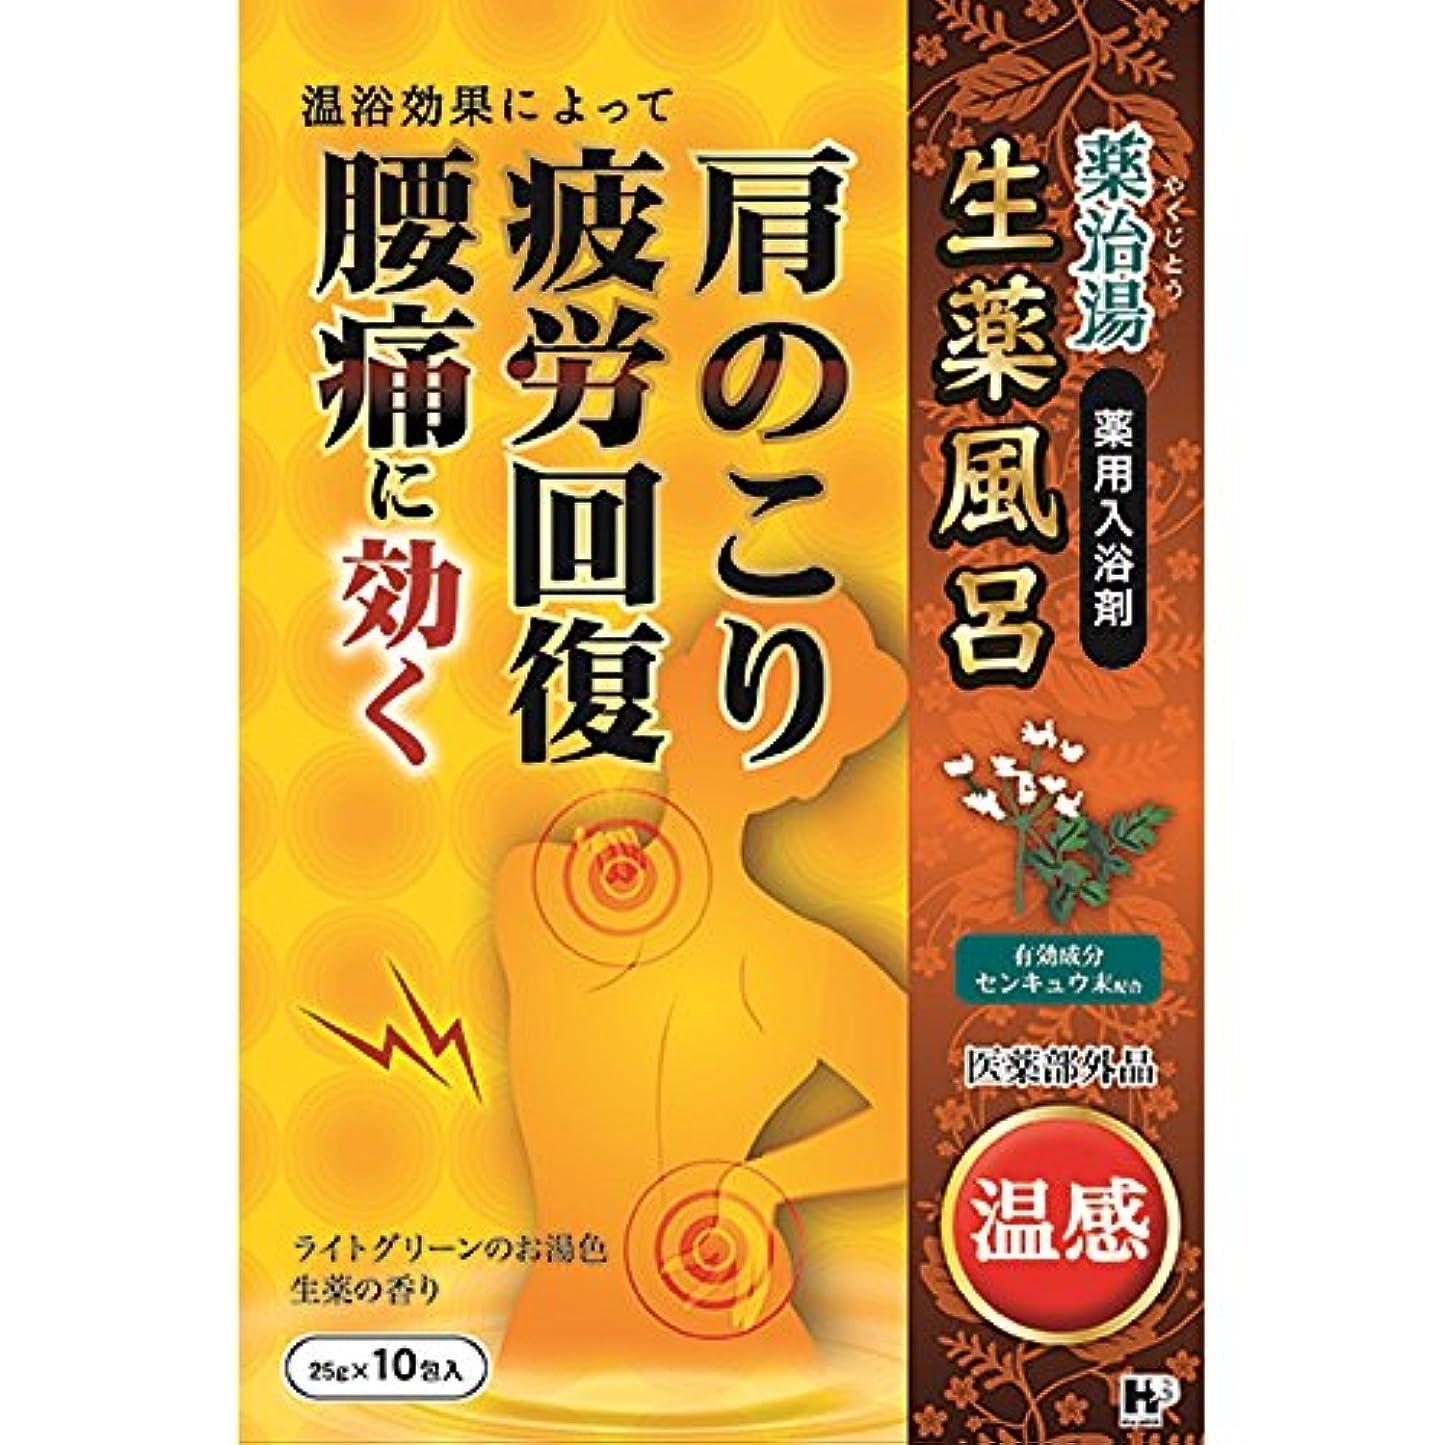 ポイント蒸気薬を飲む薬治湯 温感 25g×10包